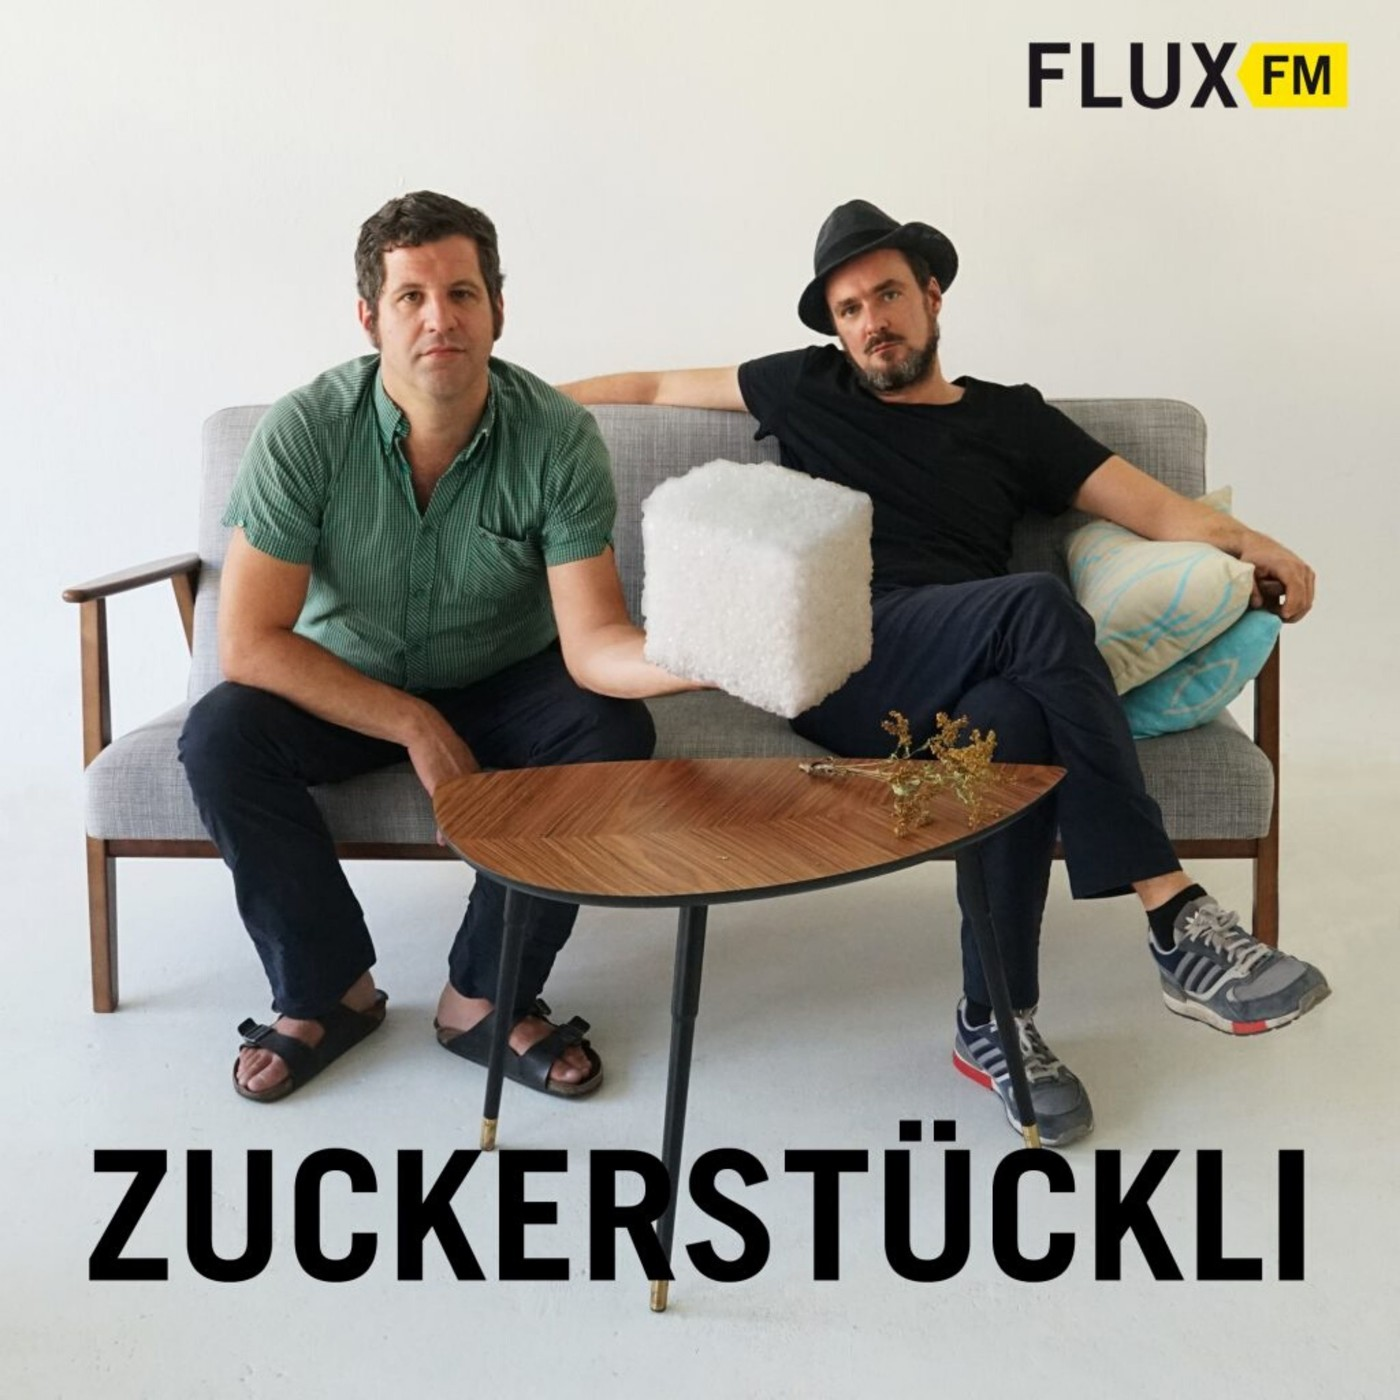 FluxFM Zuckerstückli (2020/33)